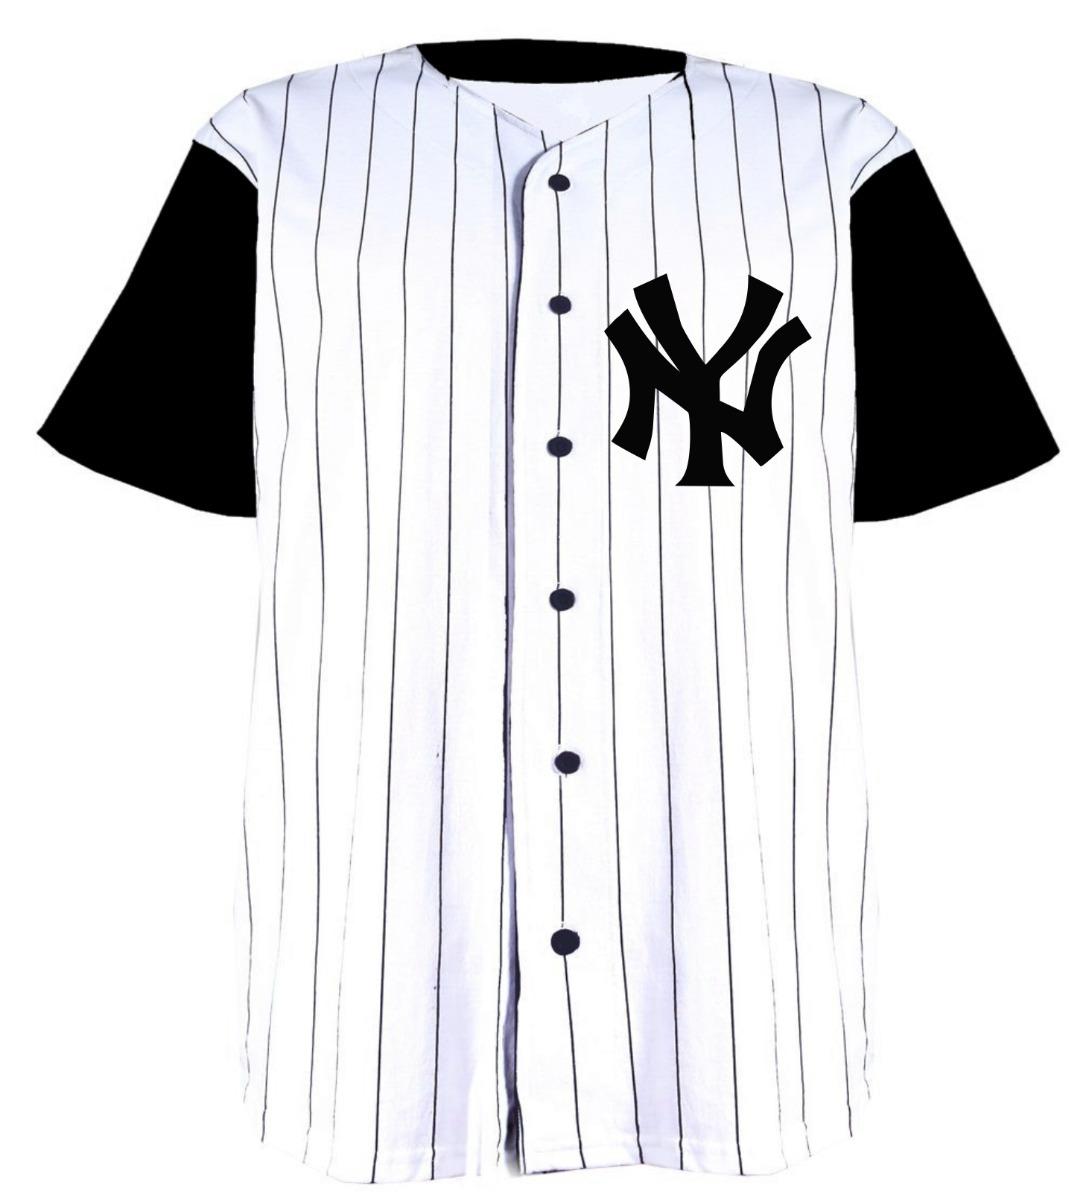 4009aa550739e1 Jersey Camisola Beisbol Ny - $ 350.00 en Mercado Libre